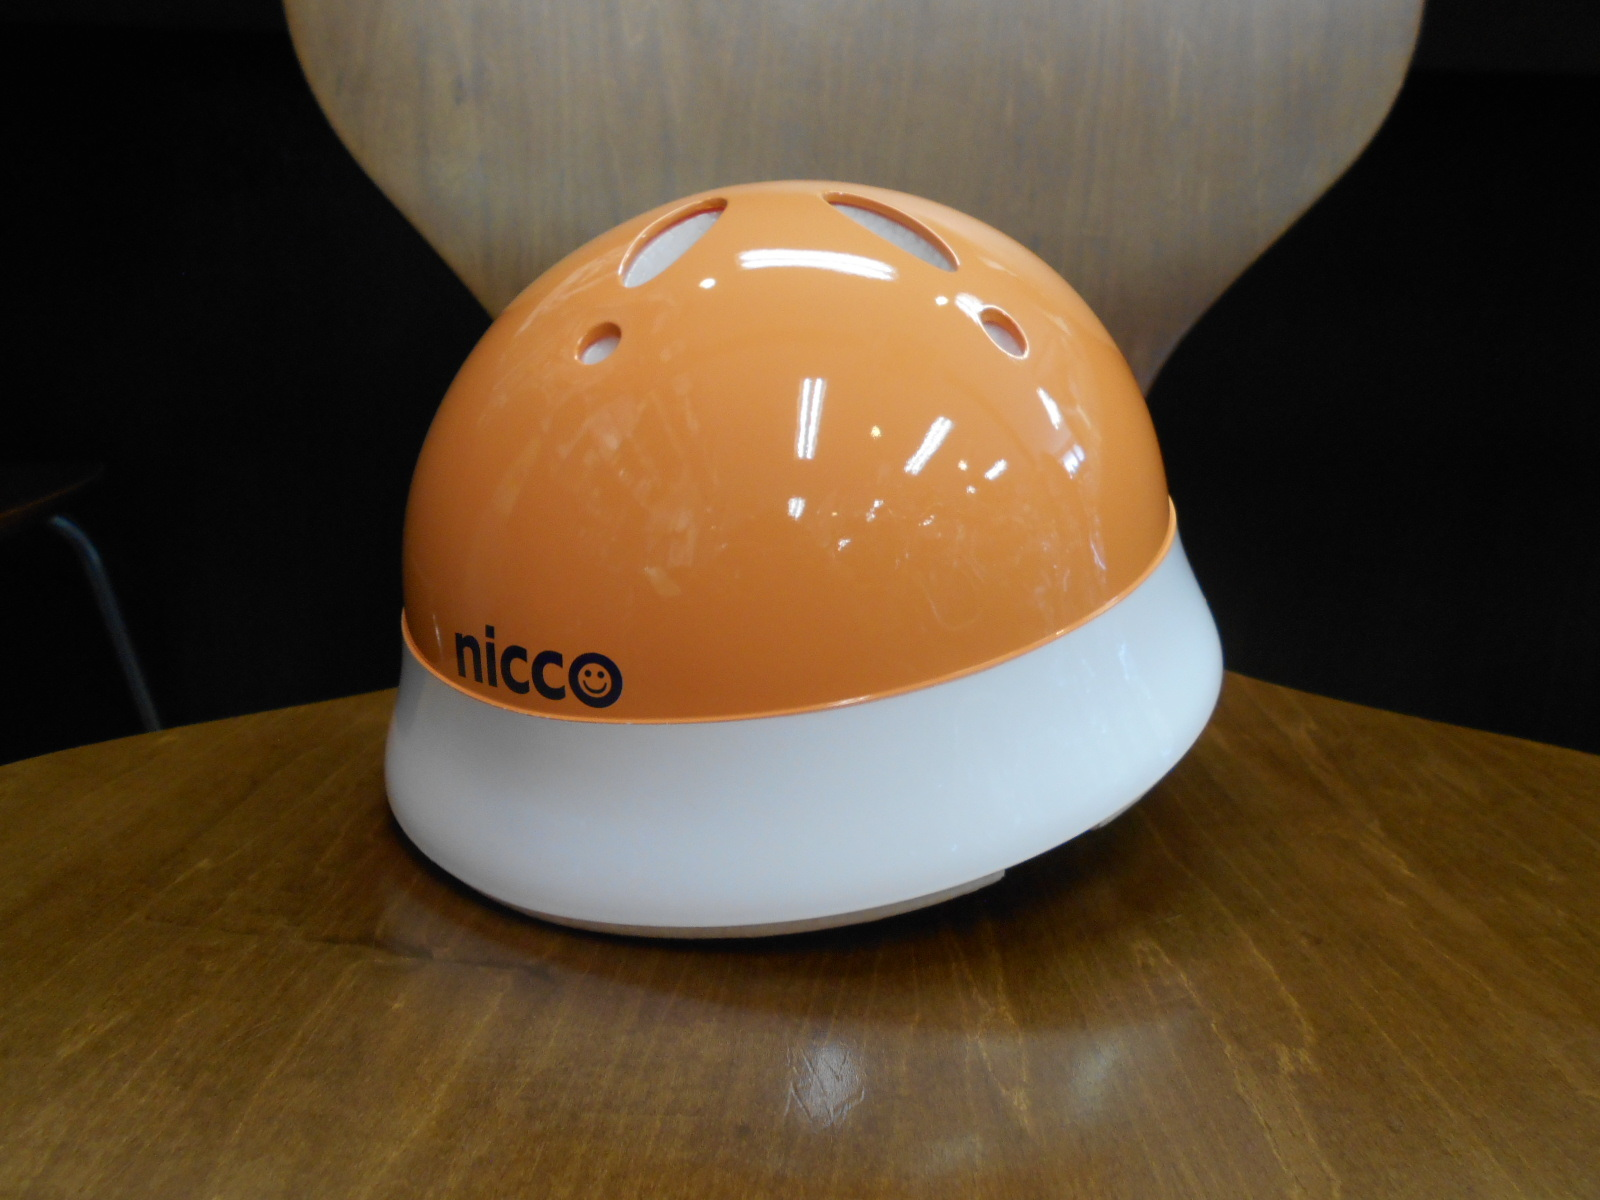 niccoが少量入荷しています_b0189682_12191573.jpg